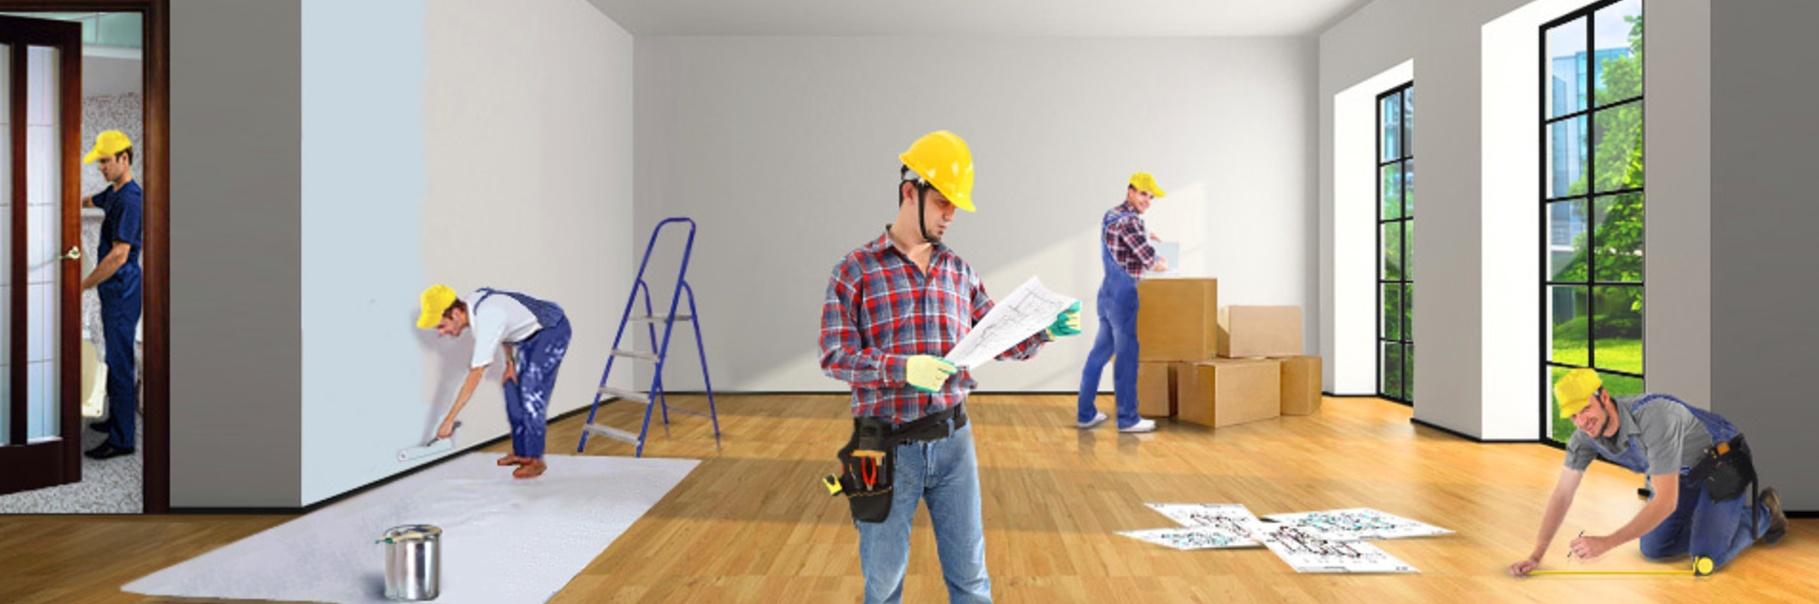 С чего начать ремонт квартиры фото2